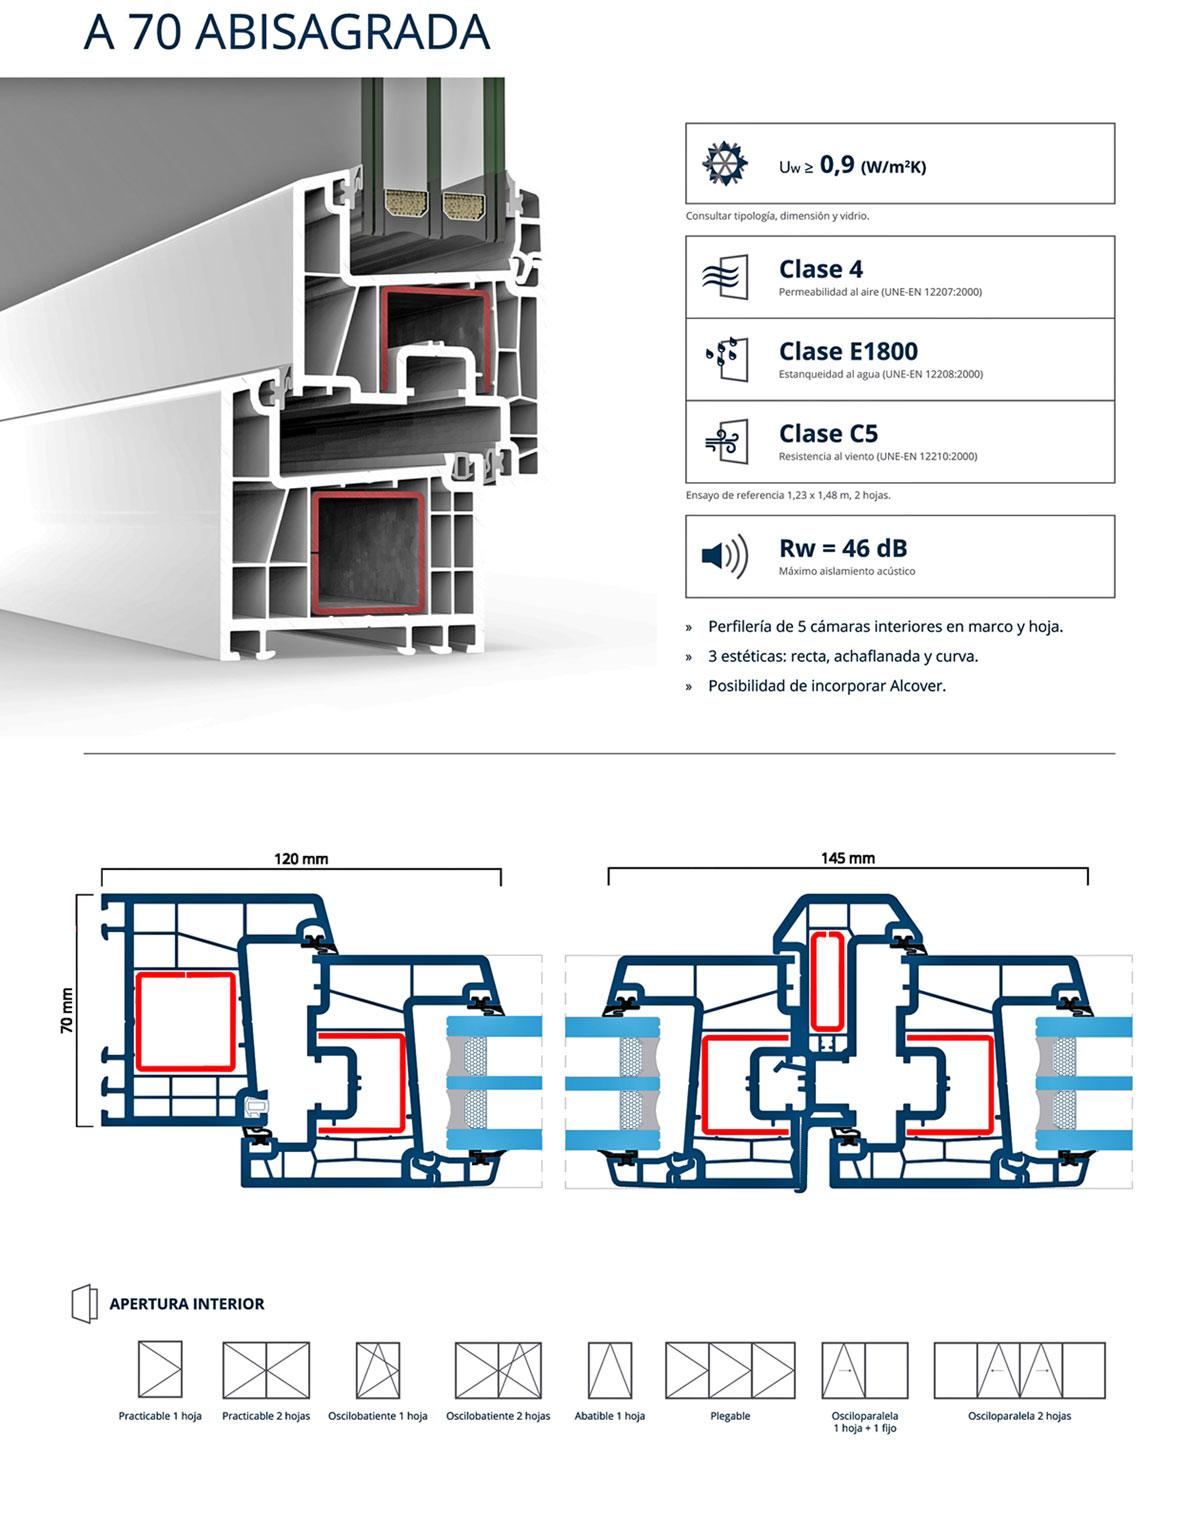 PVC cortizo A70 caracteristicas